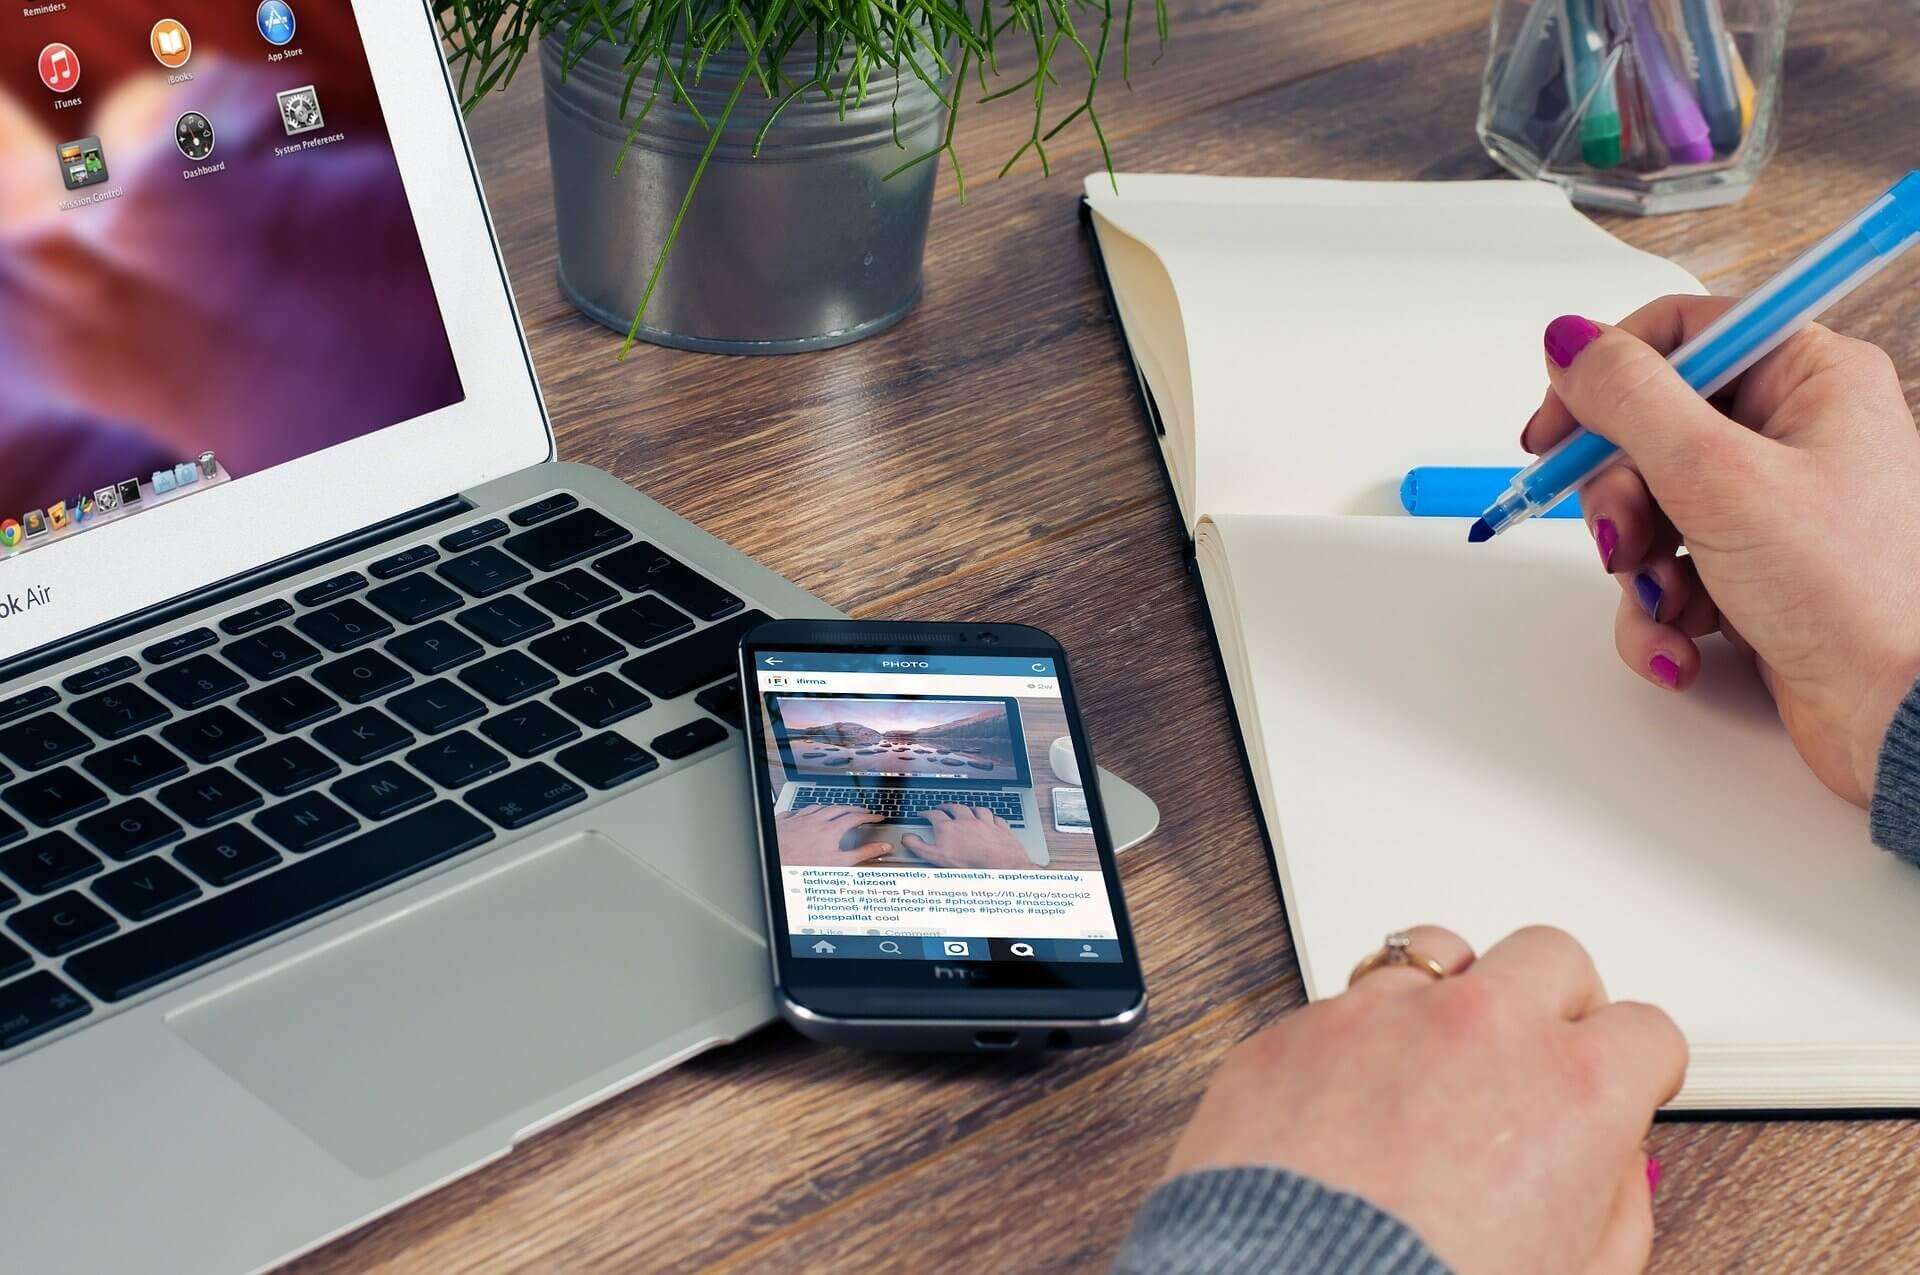 Online-Kurs: Endlich mal frei und trotzdem viele Sorgen (c) William Iven / pixabay.de